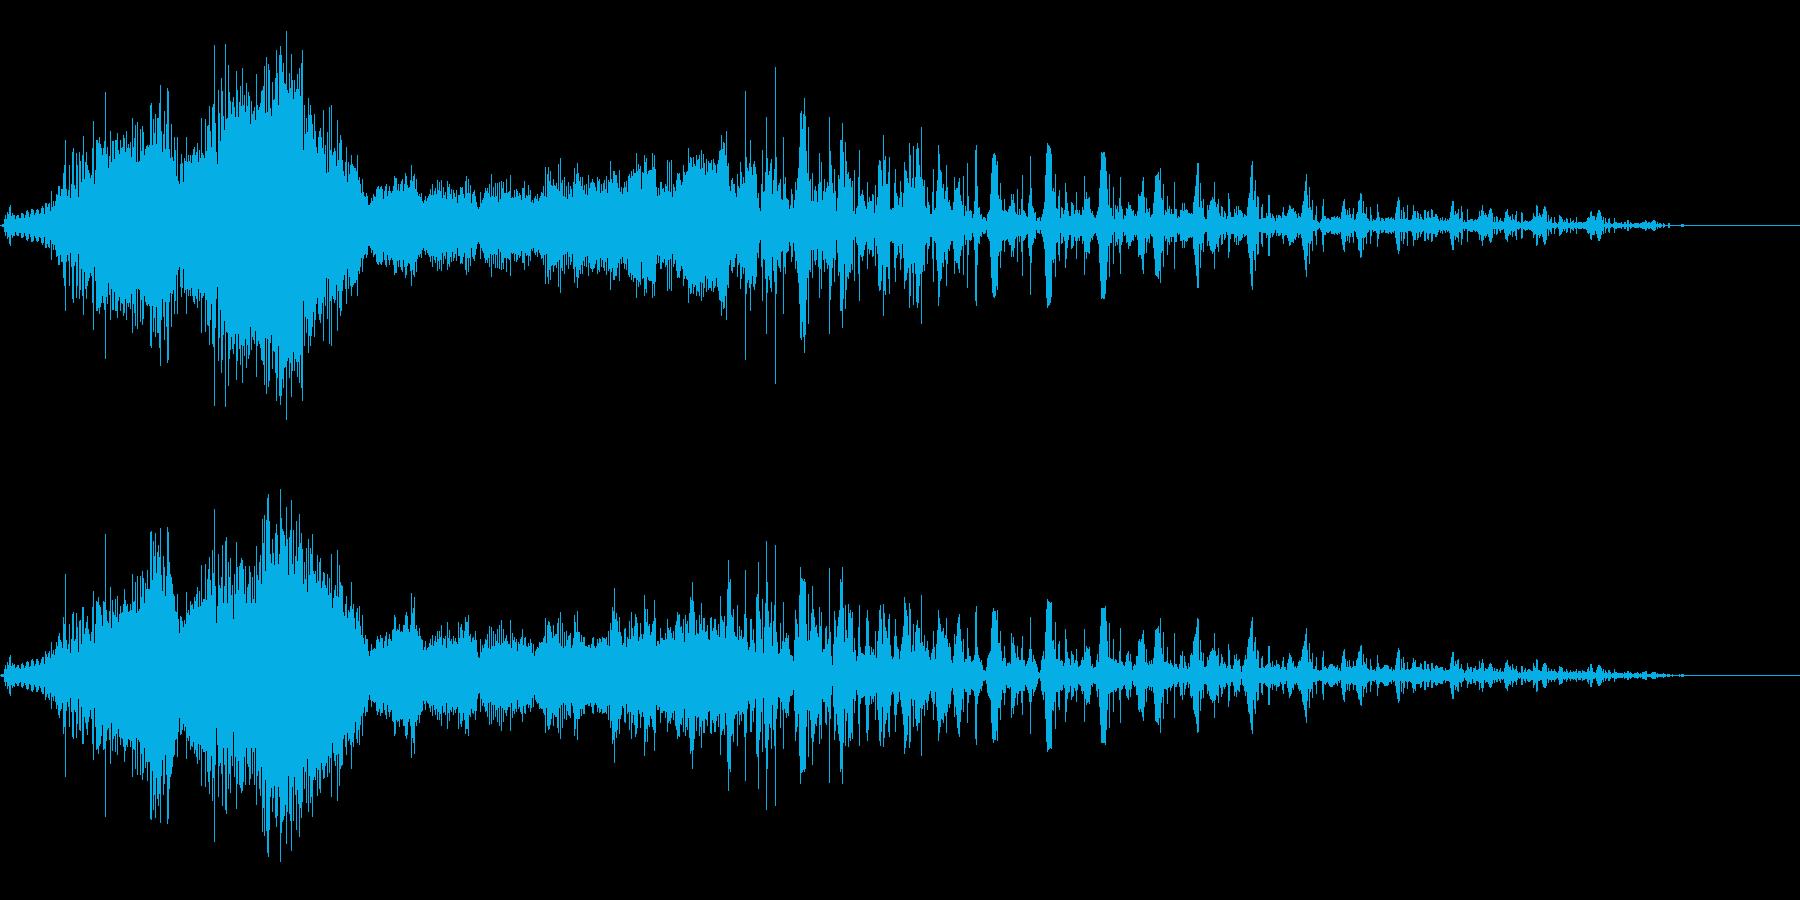 コンピュータの電子音、効果音の再生済みの波形